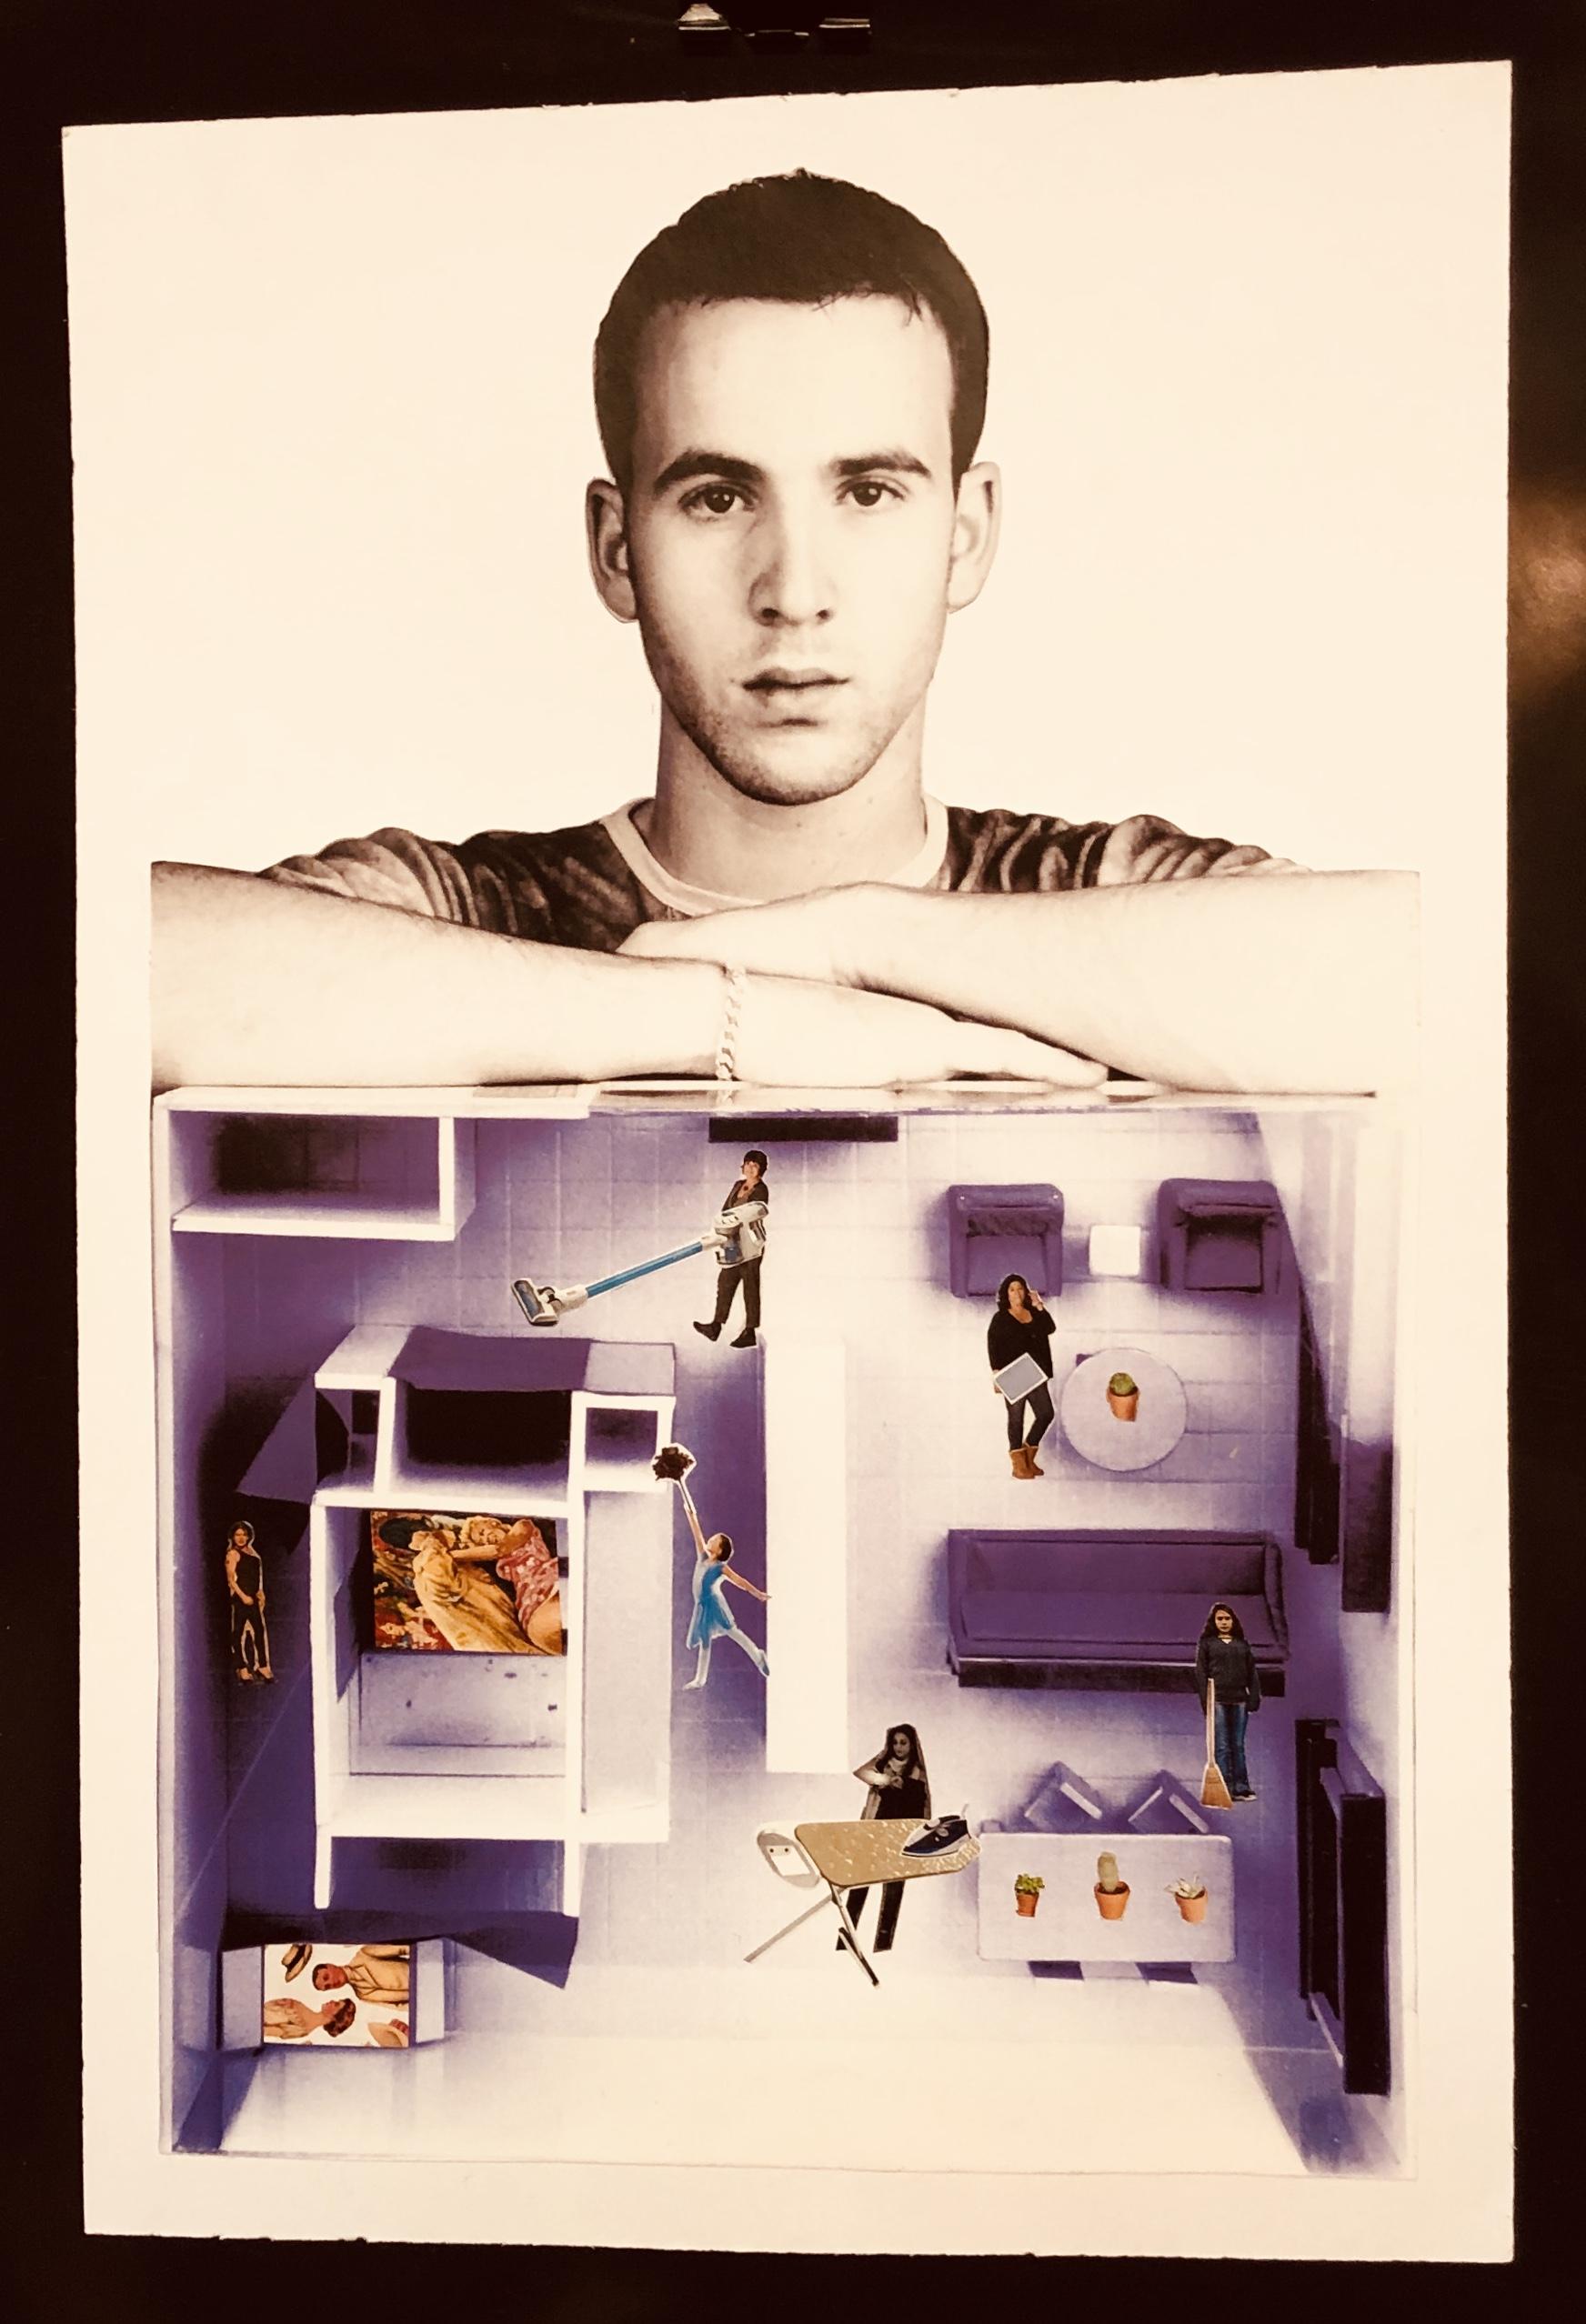 Concurso de collage contra la violencia de género